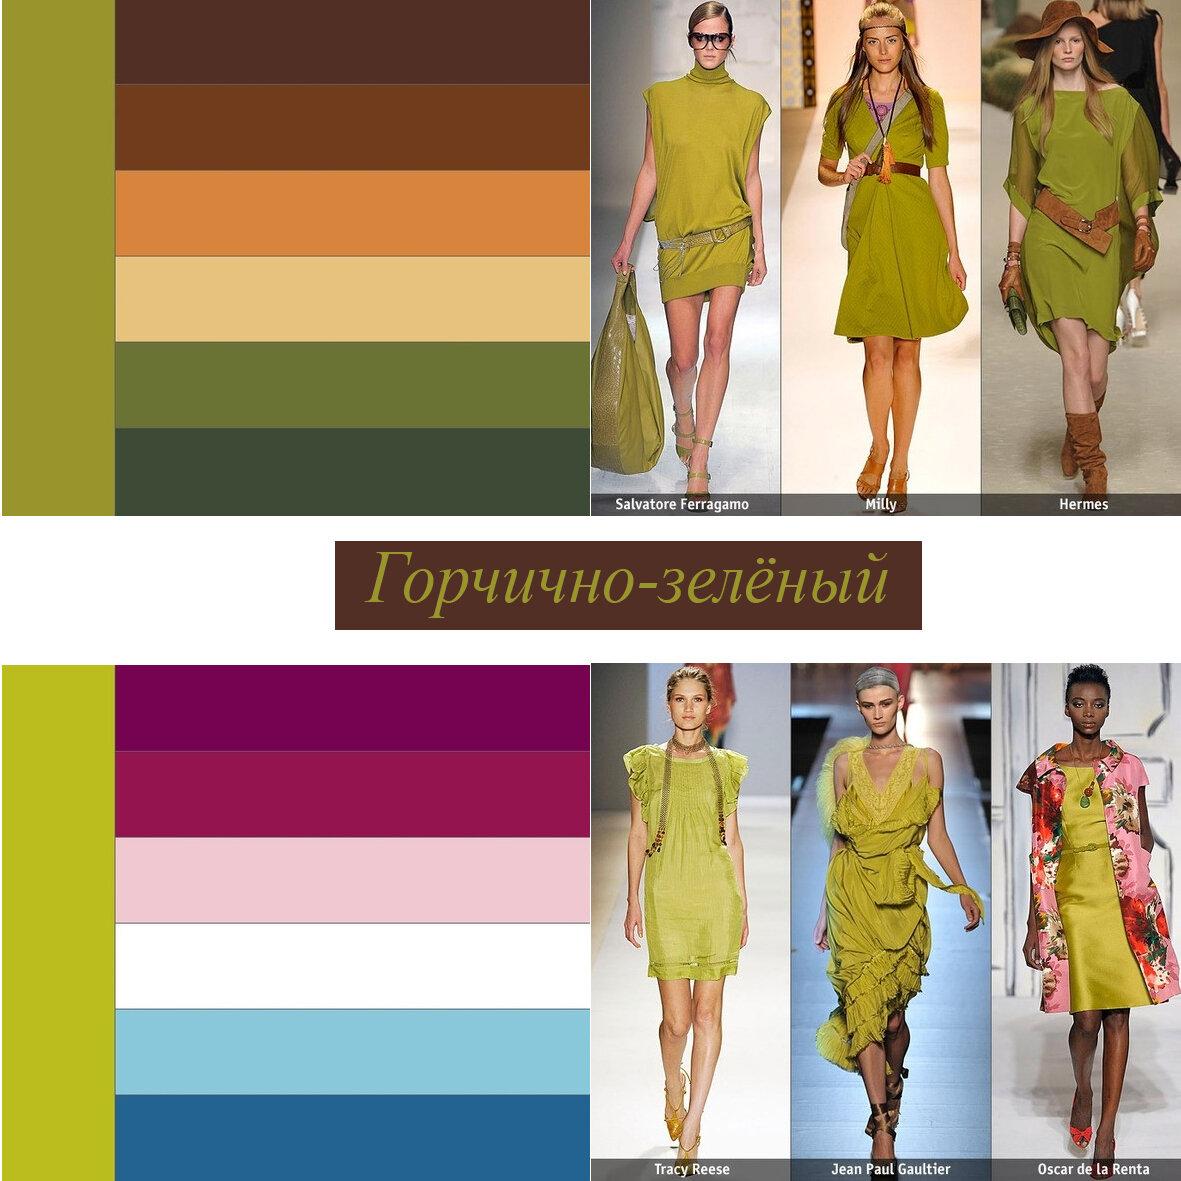 Оливковый цвет сочетание с другими цветами в одежде